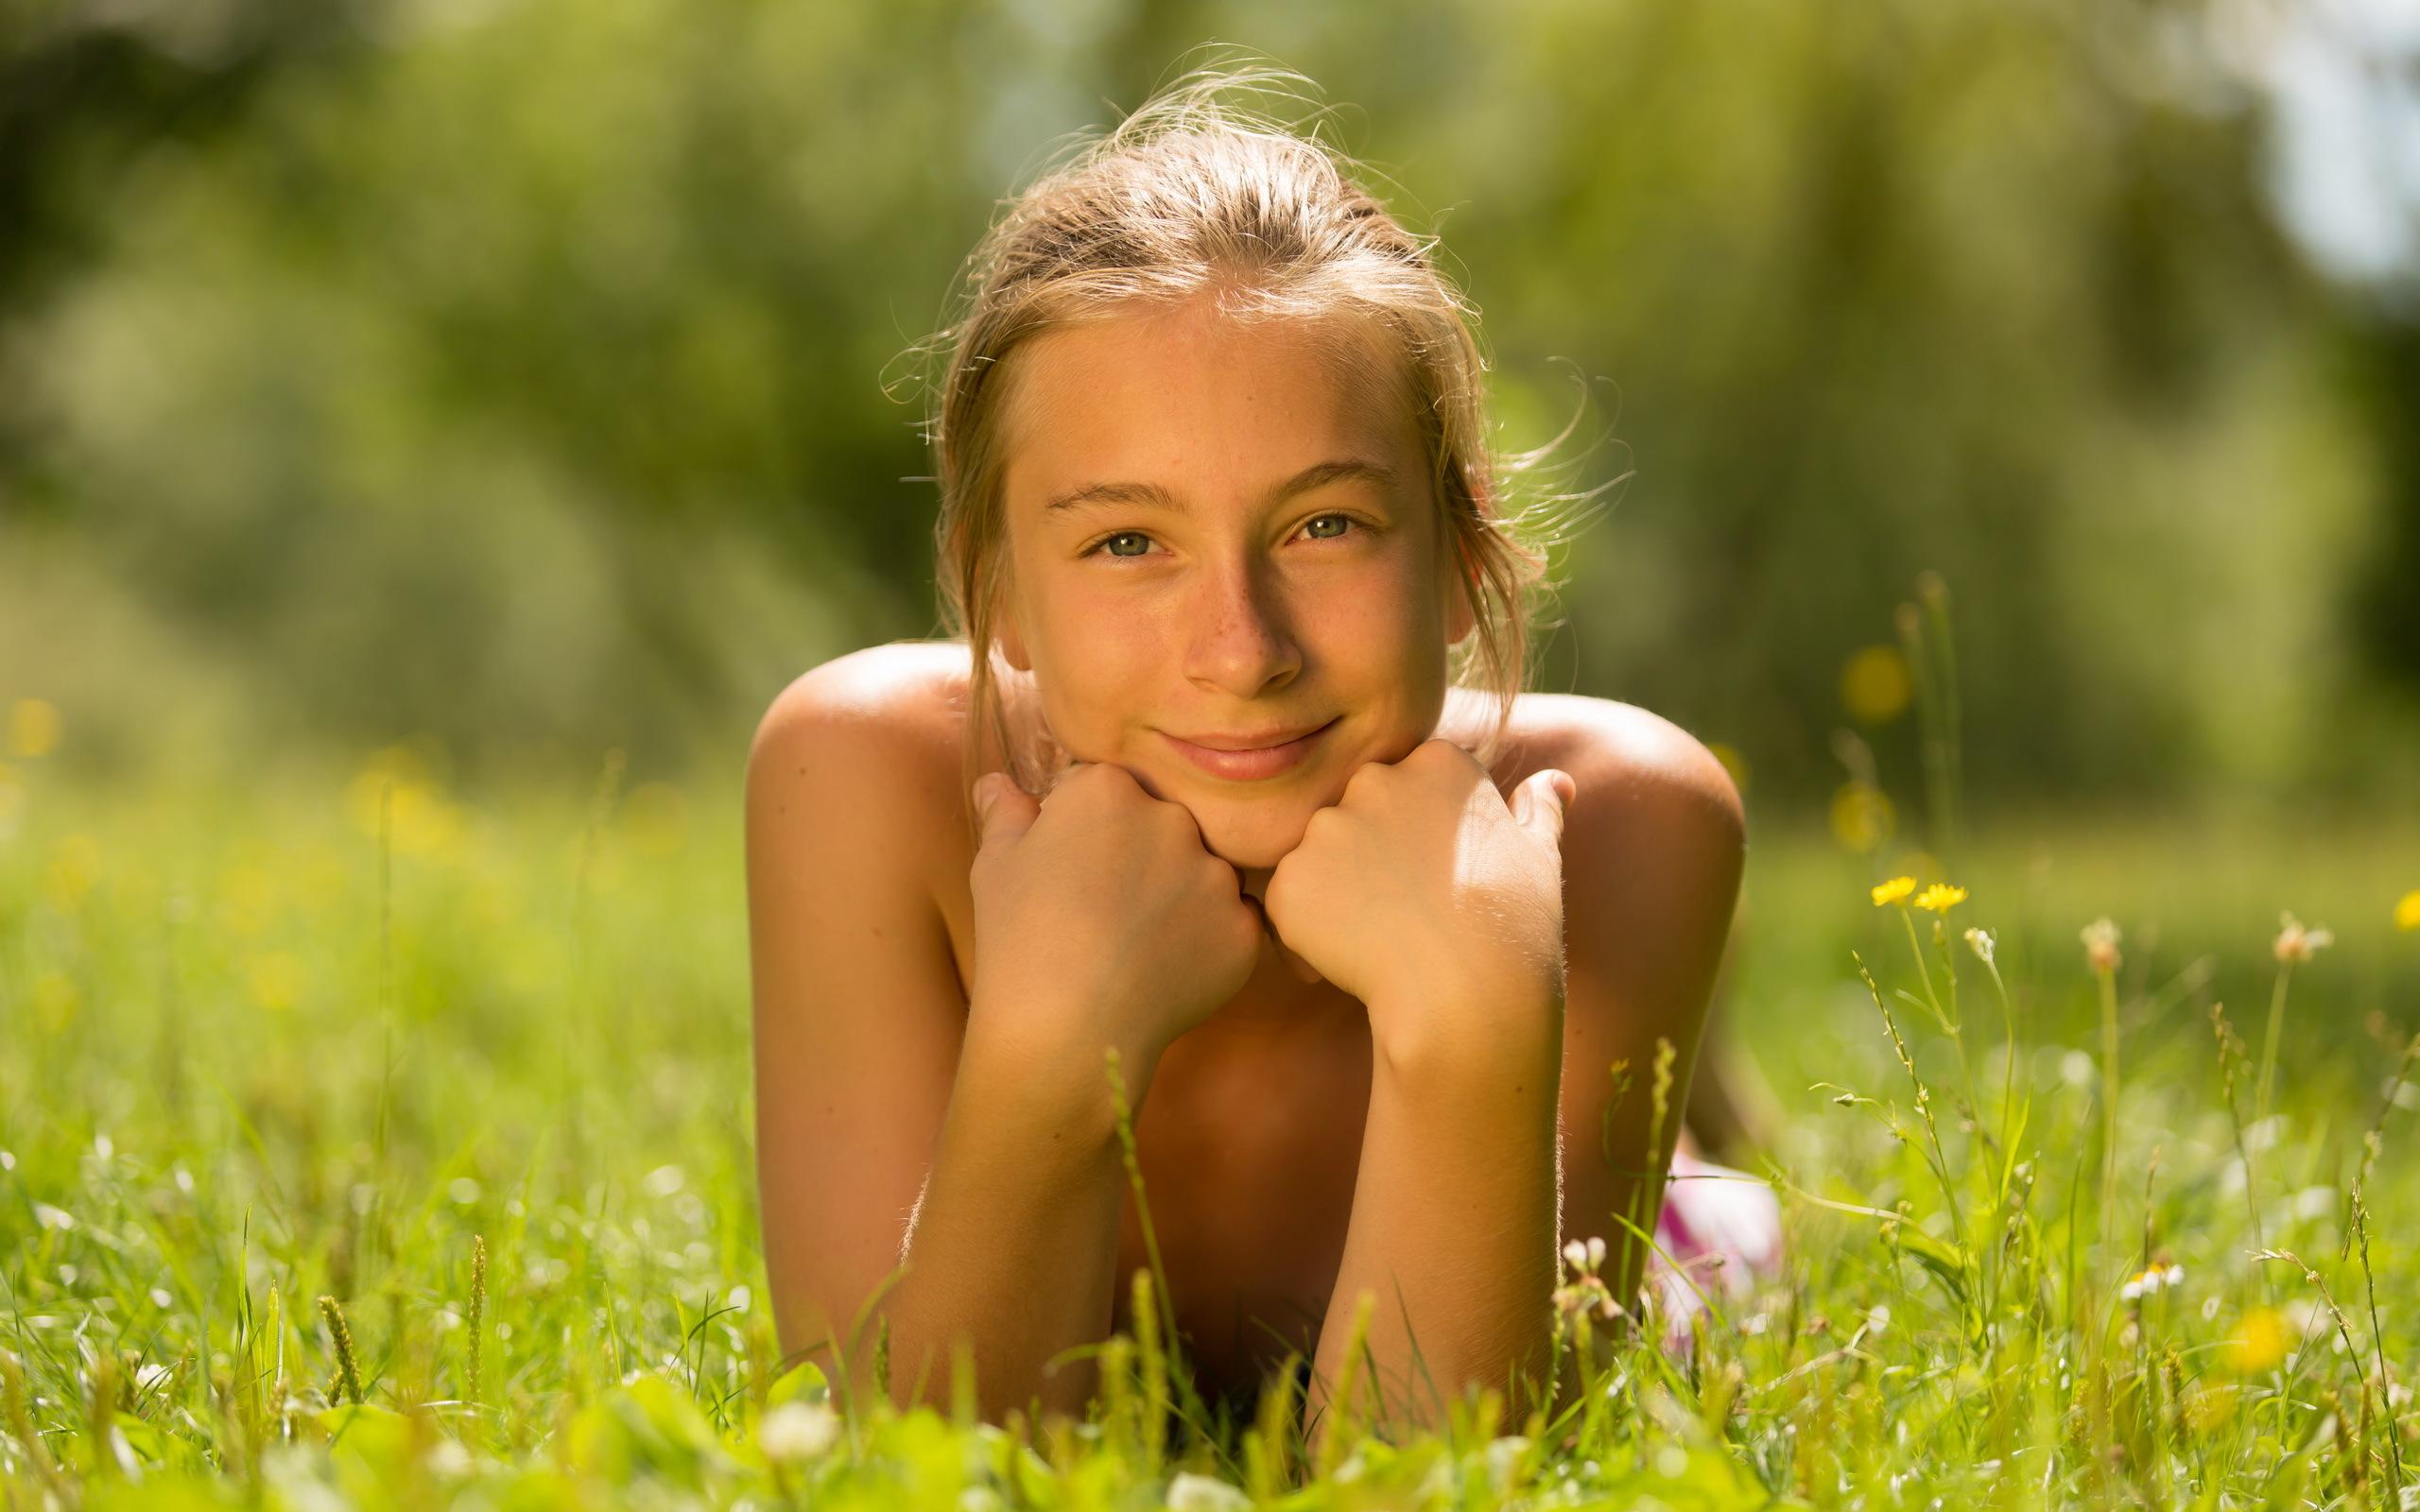 Голый Подросток Девочка 14